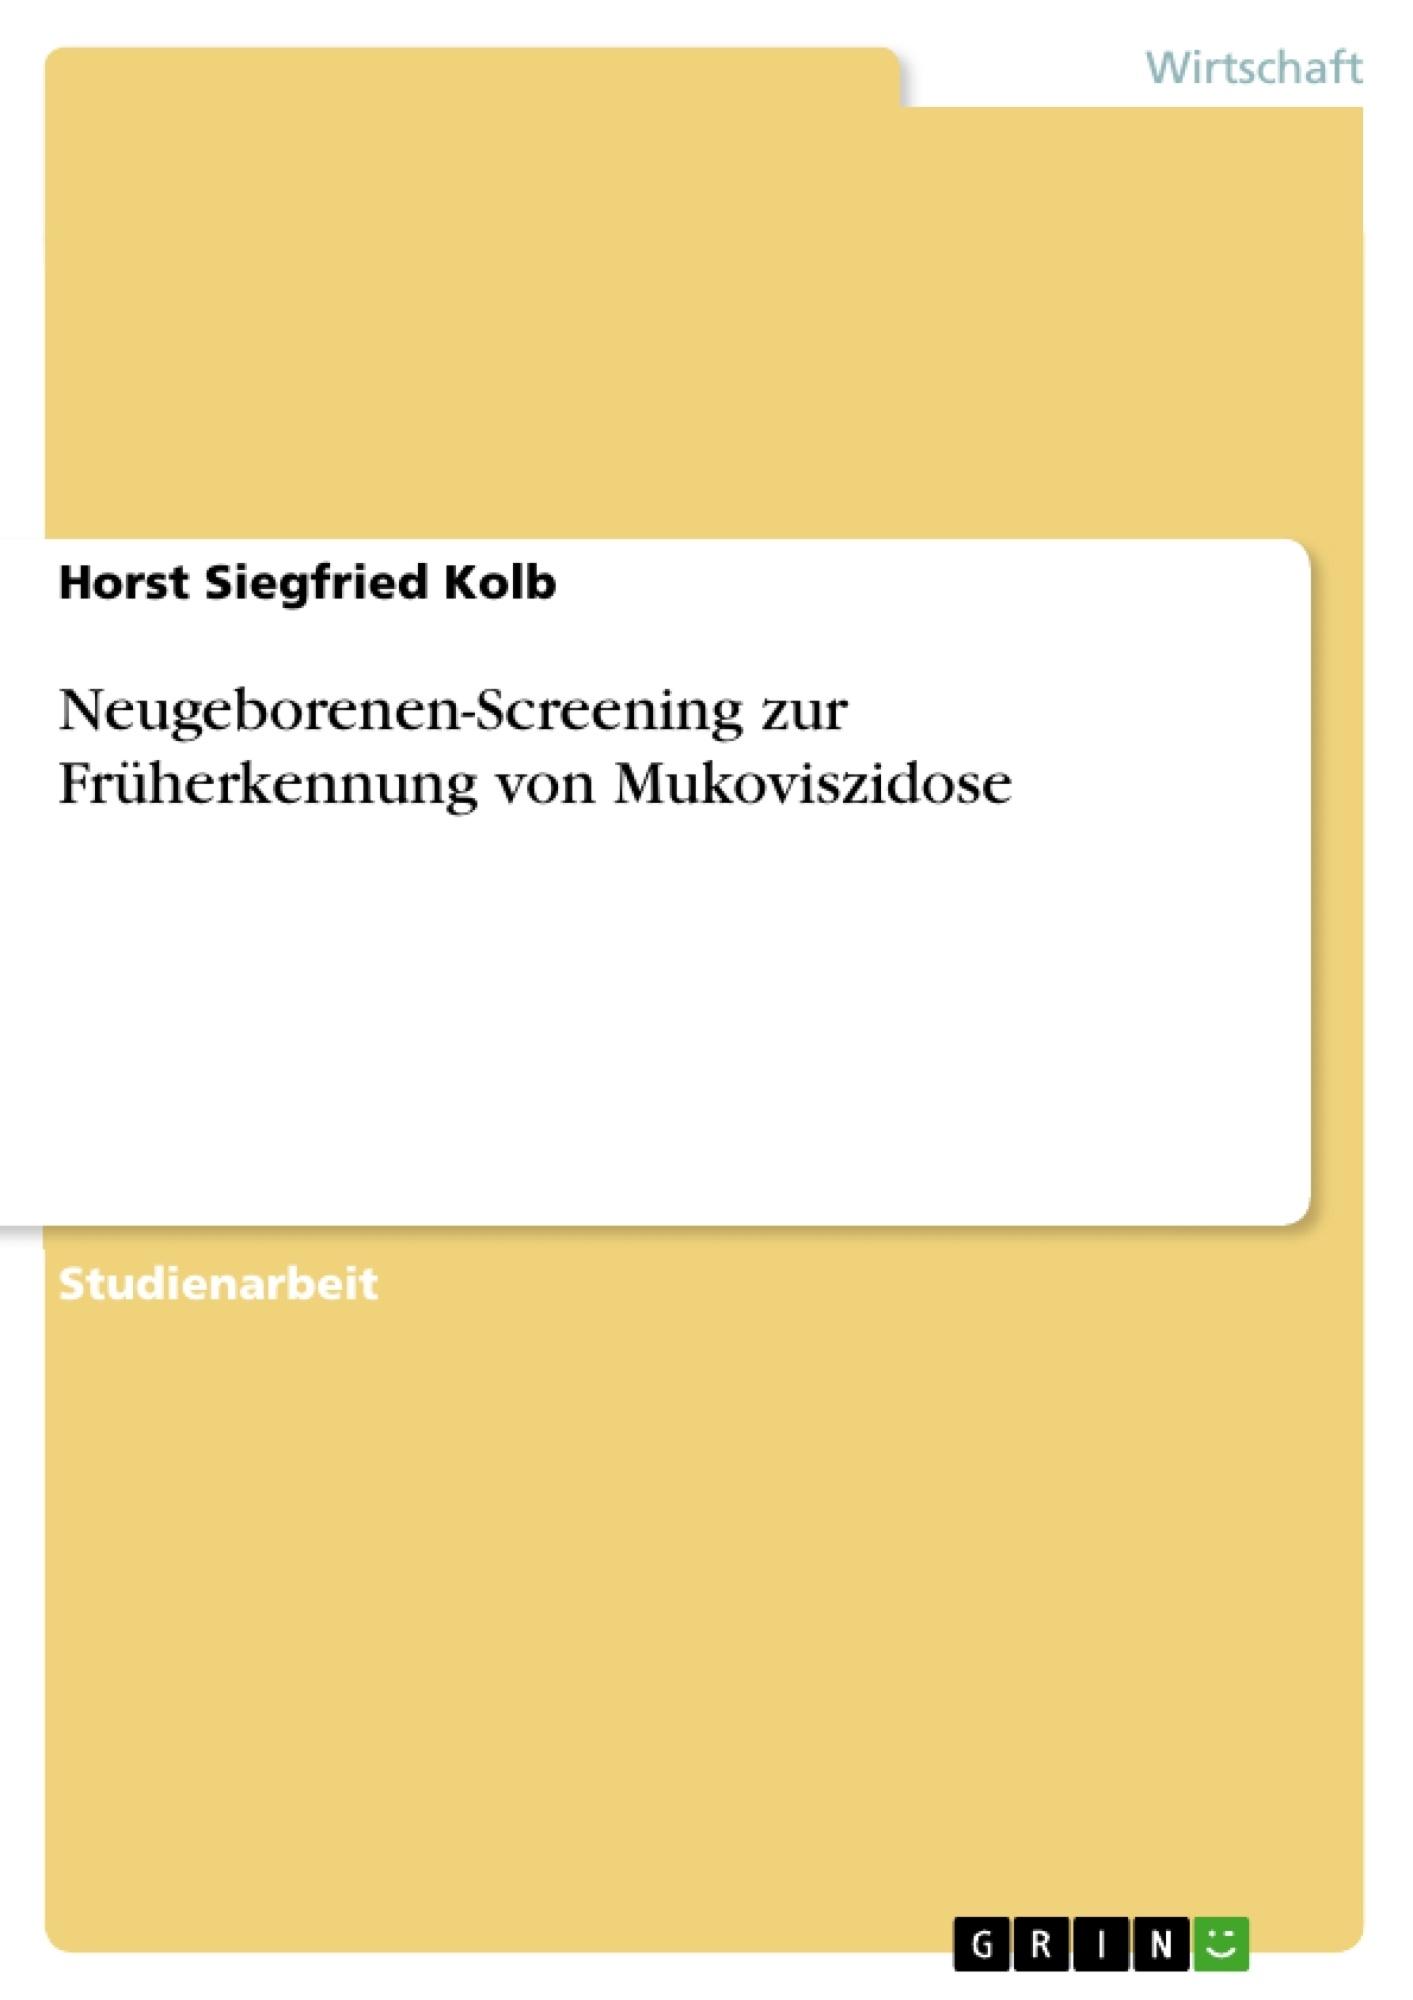 Titel: Neugeborenen-Screening zur Früherkennung von Mukoviszidose